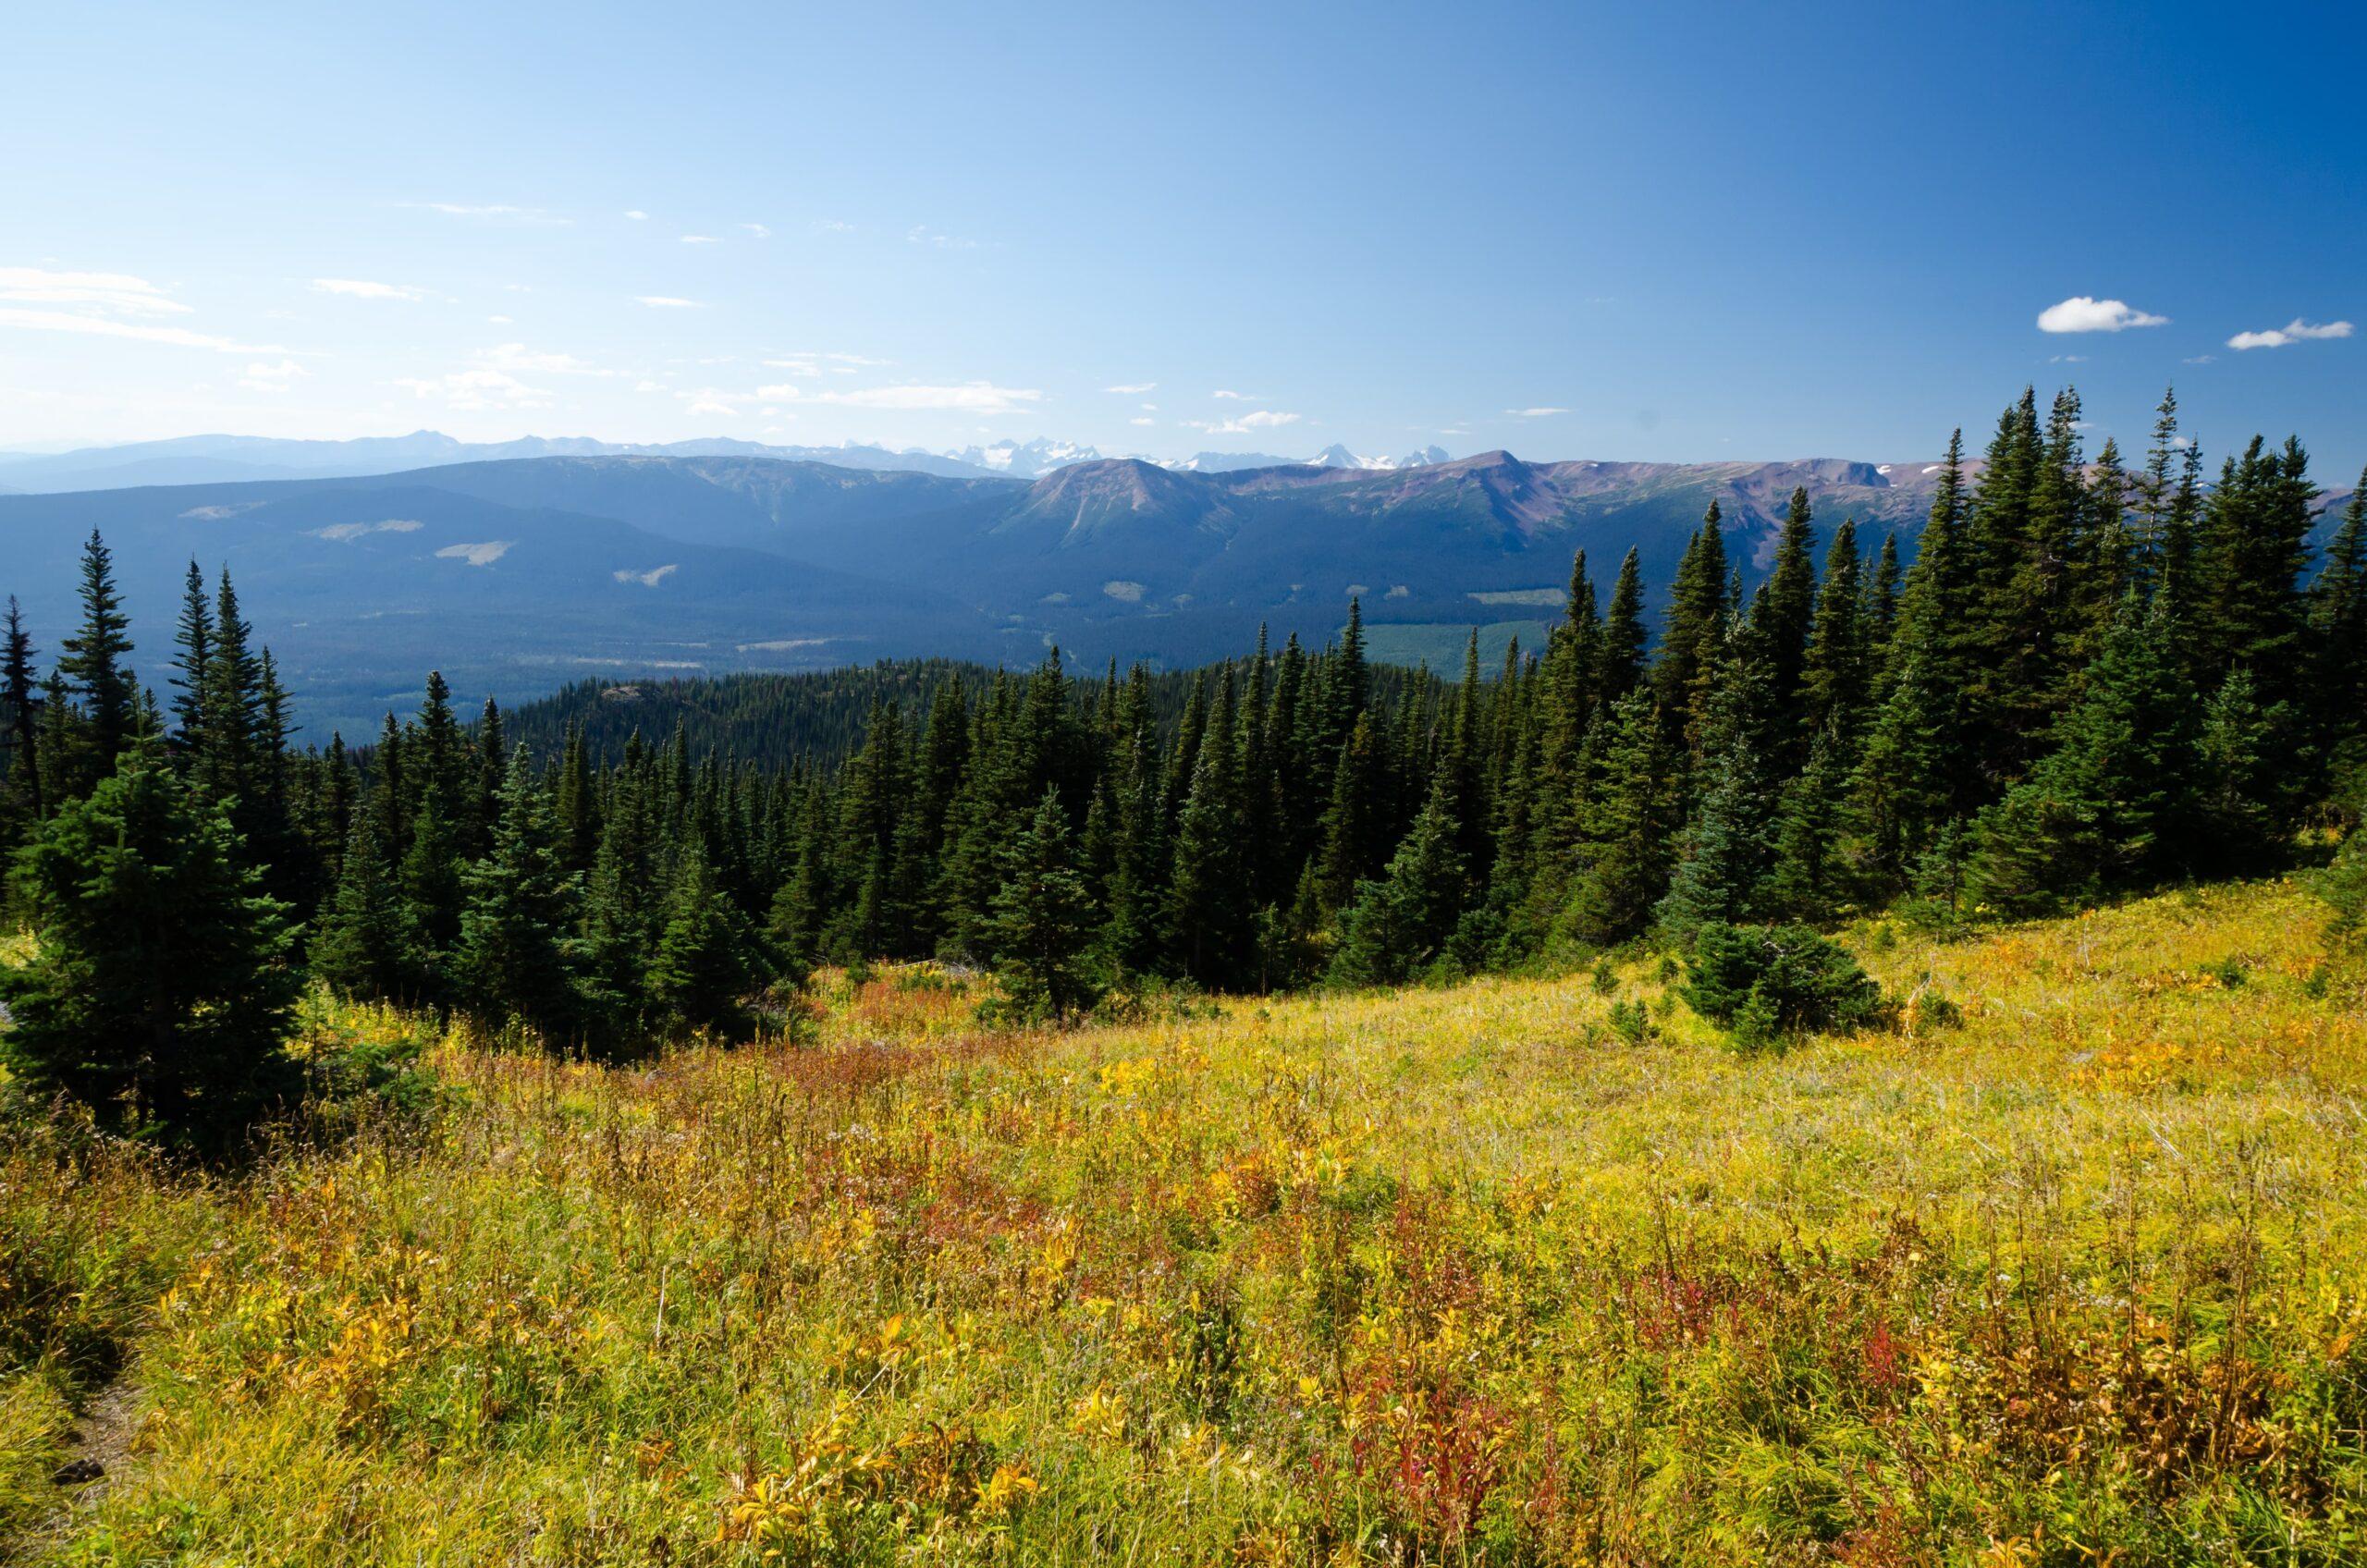 Hudson Bay Mountain, Canada